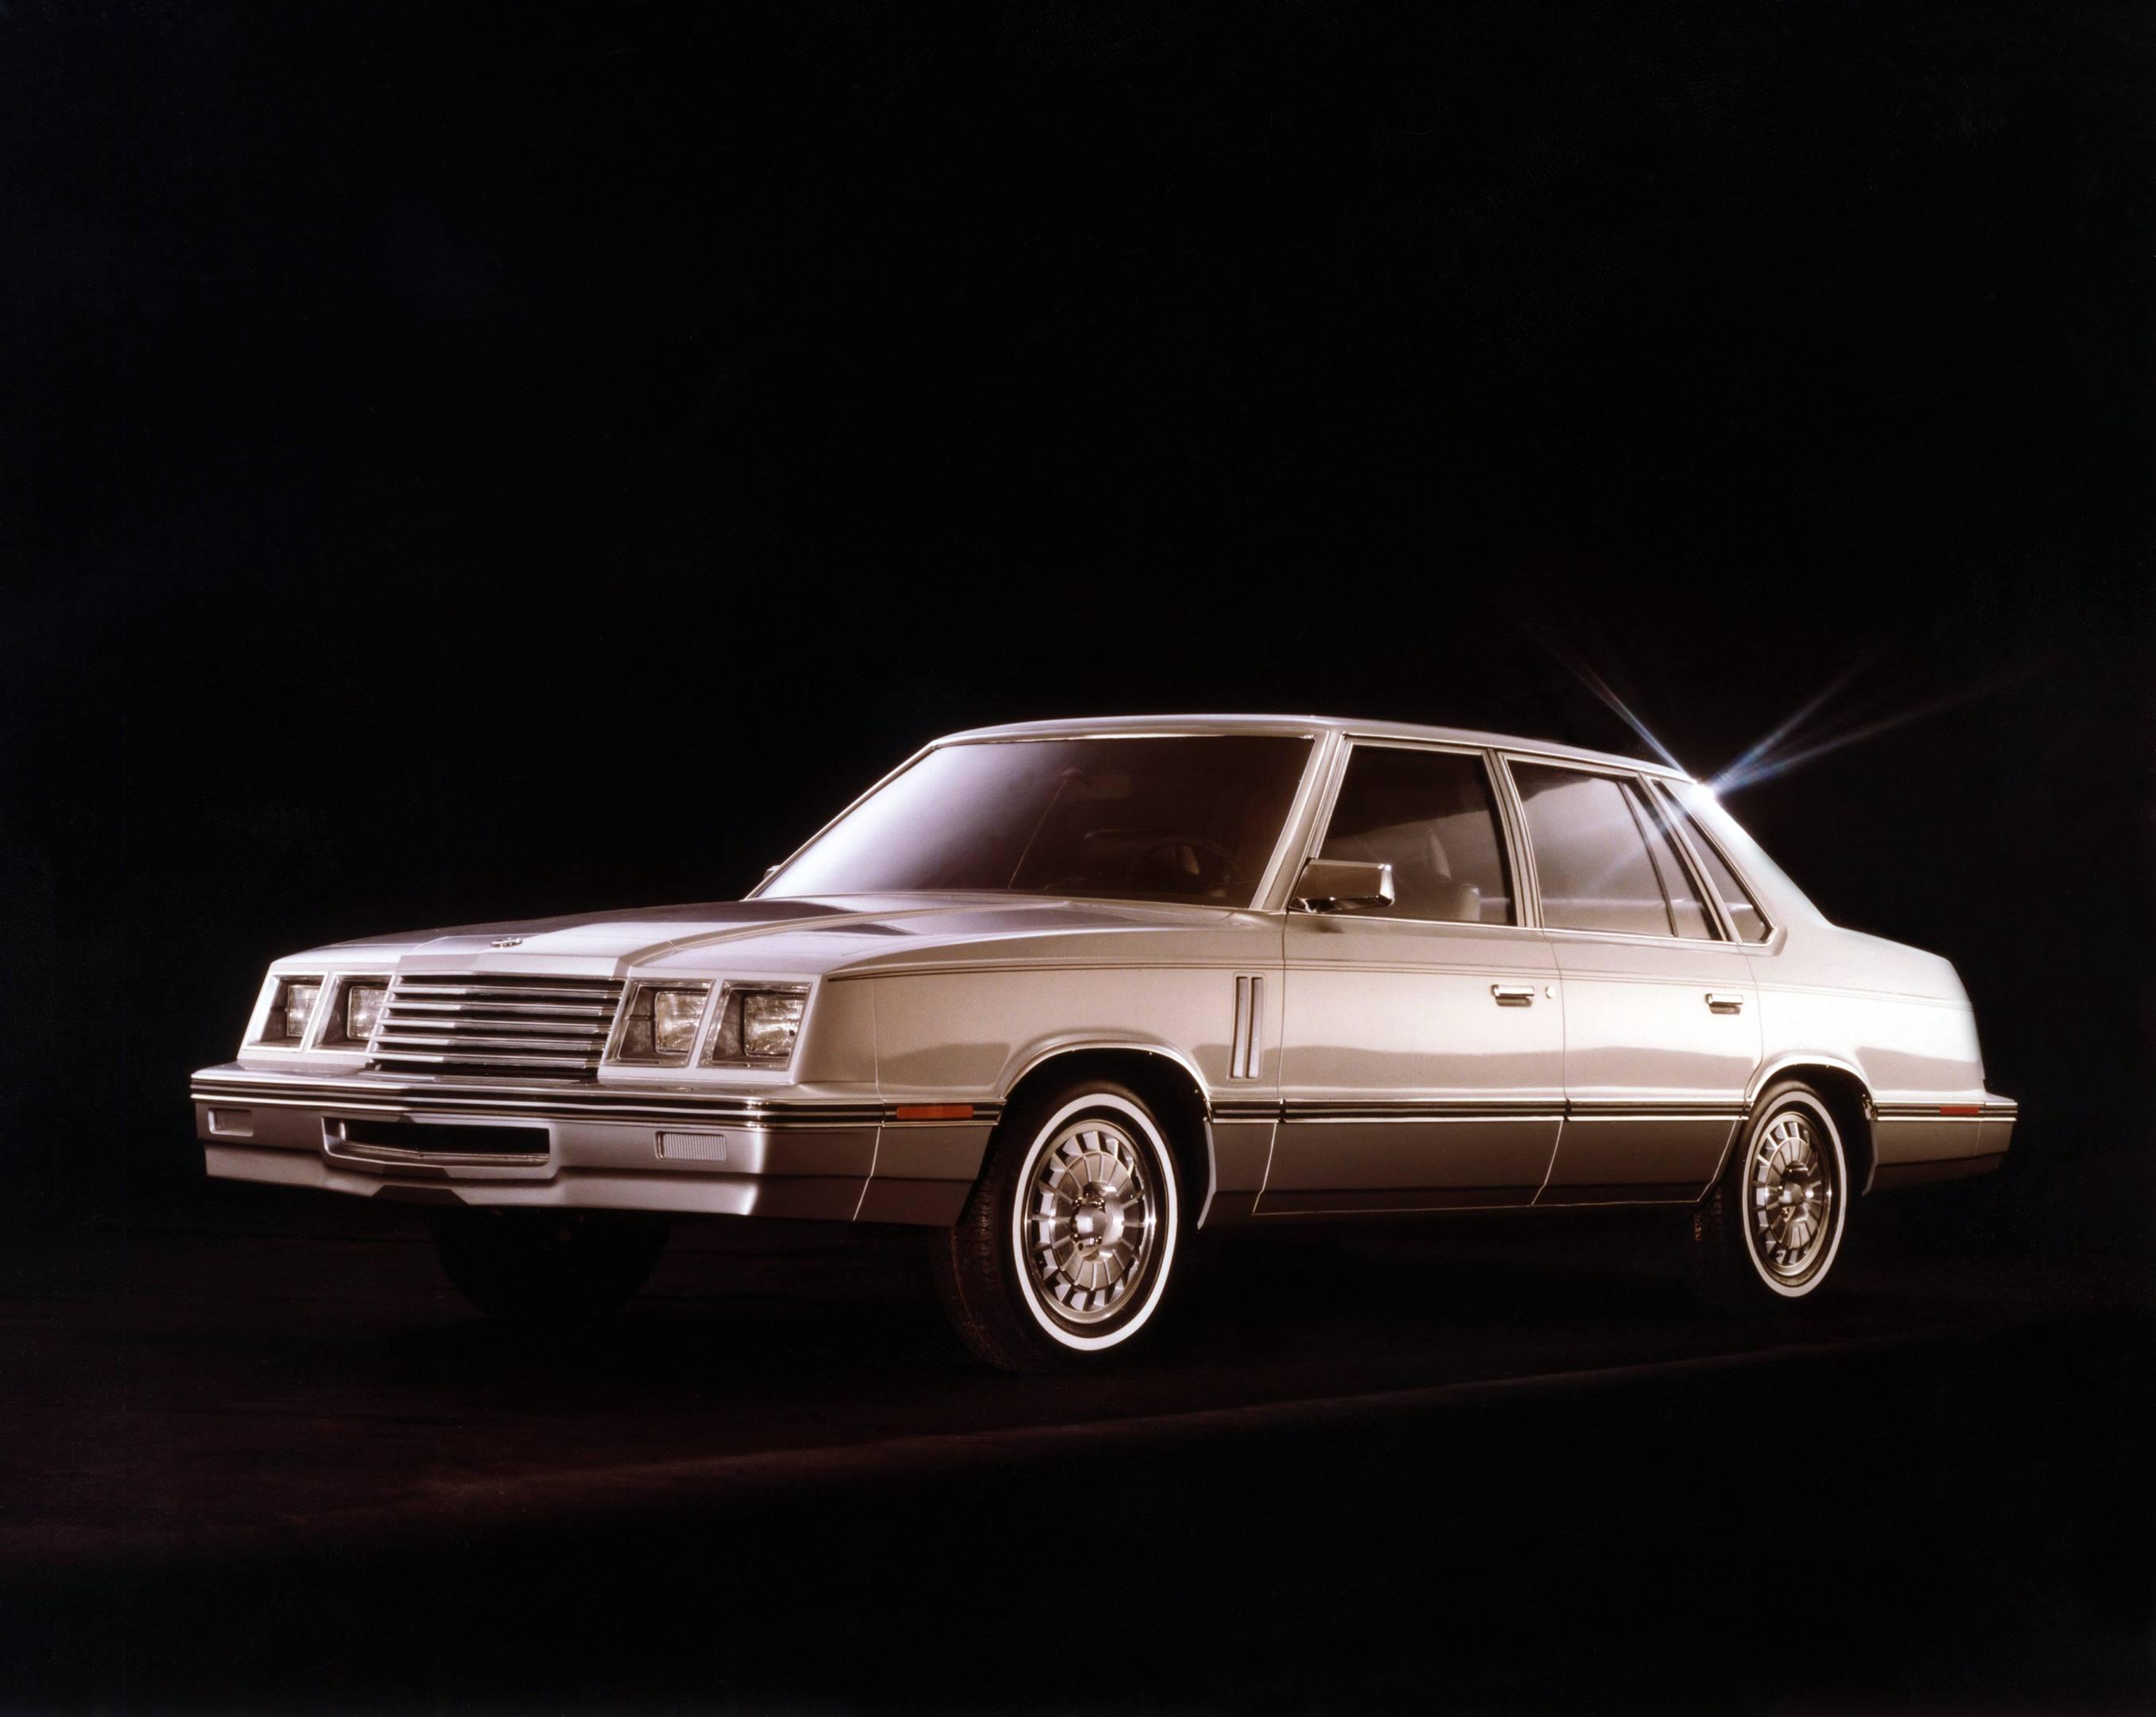 1983 Dodge 600